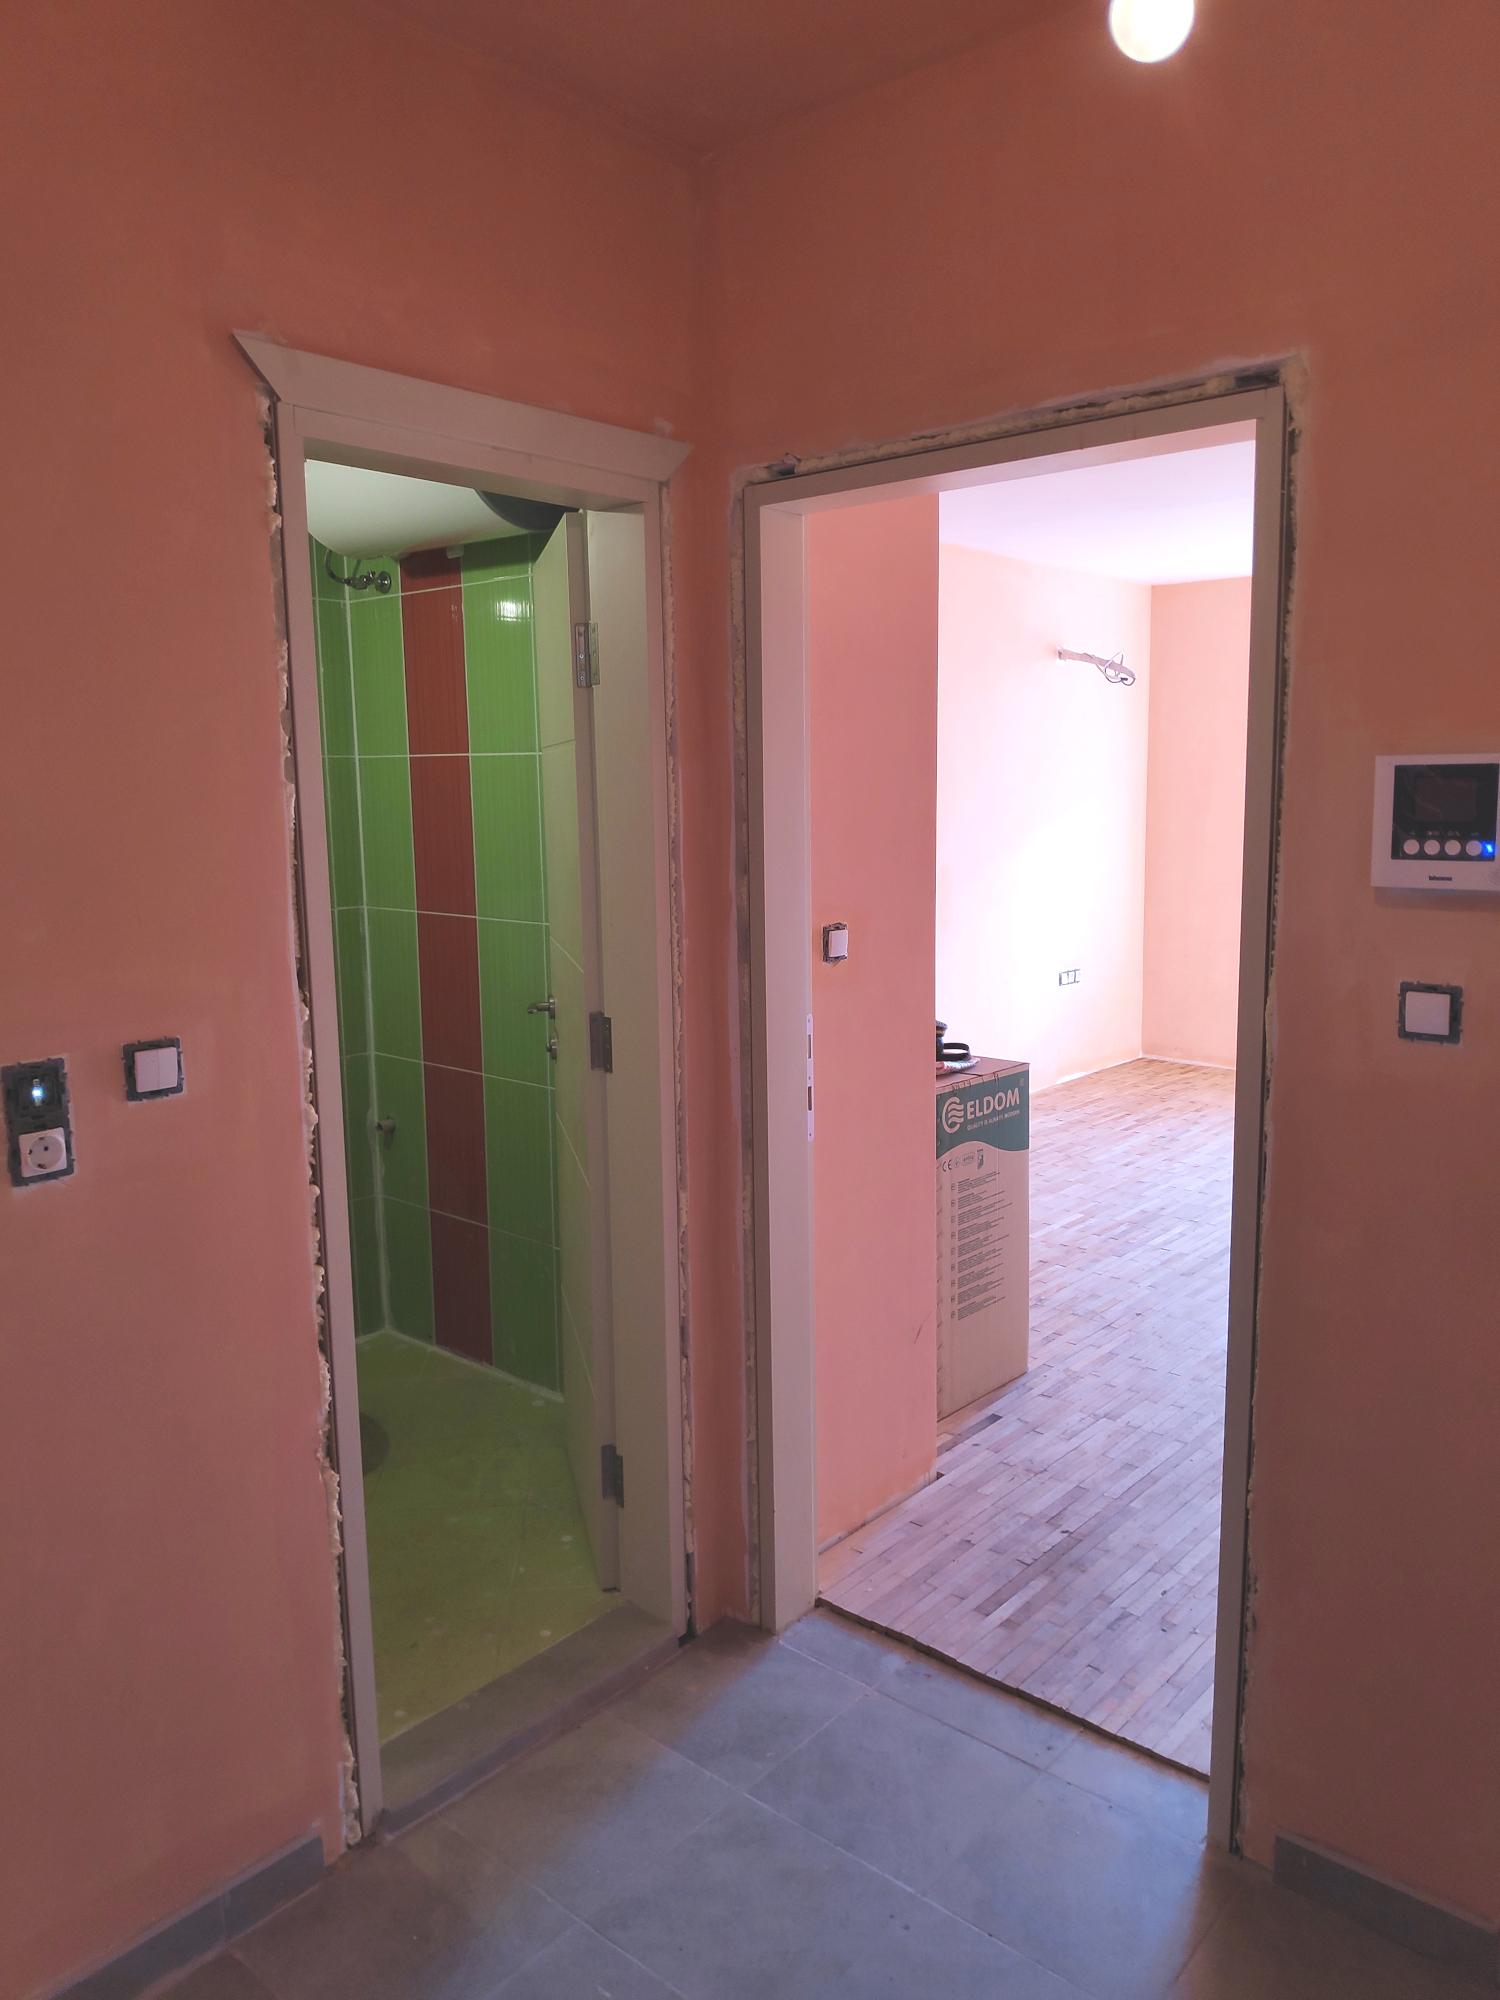 Ново двустайно жилище 72 кв. в района на маг. Метро, кв. Тракия